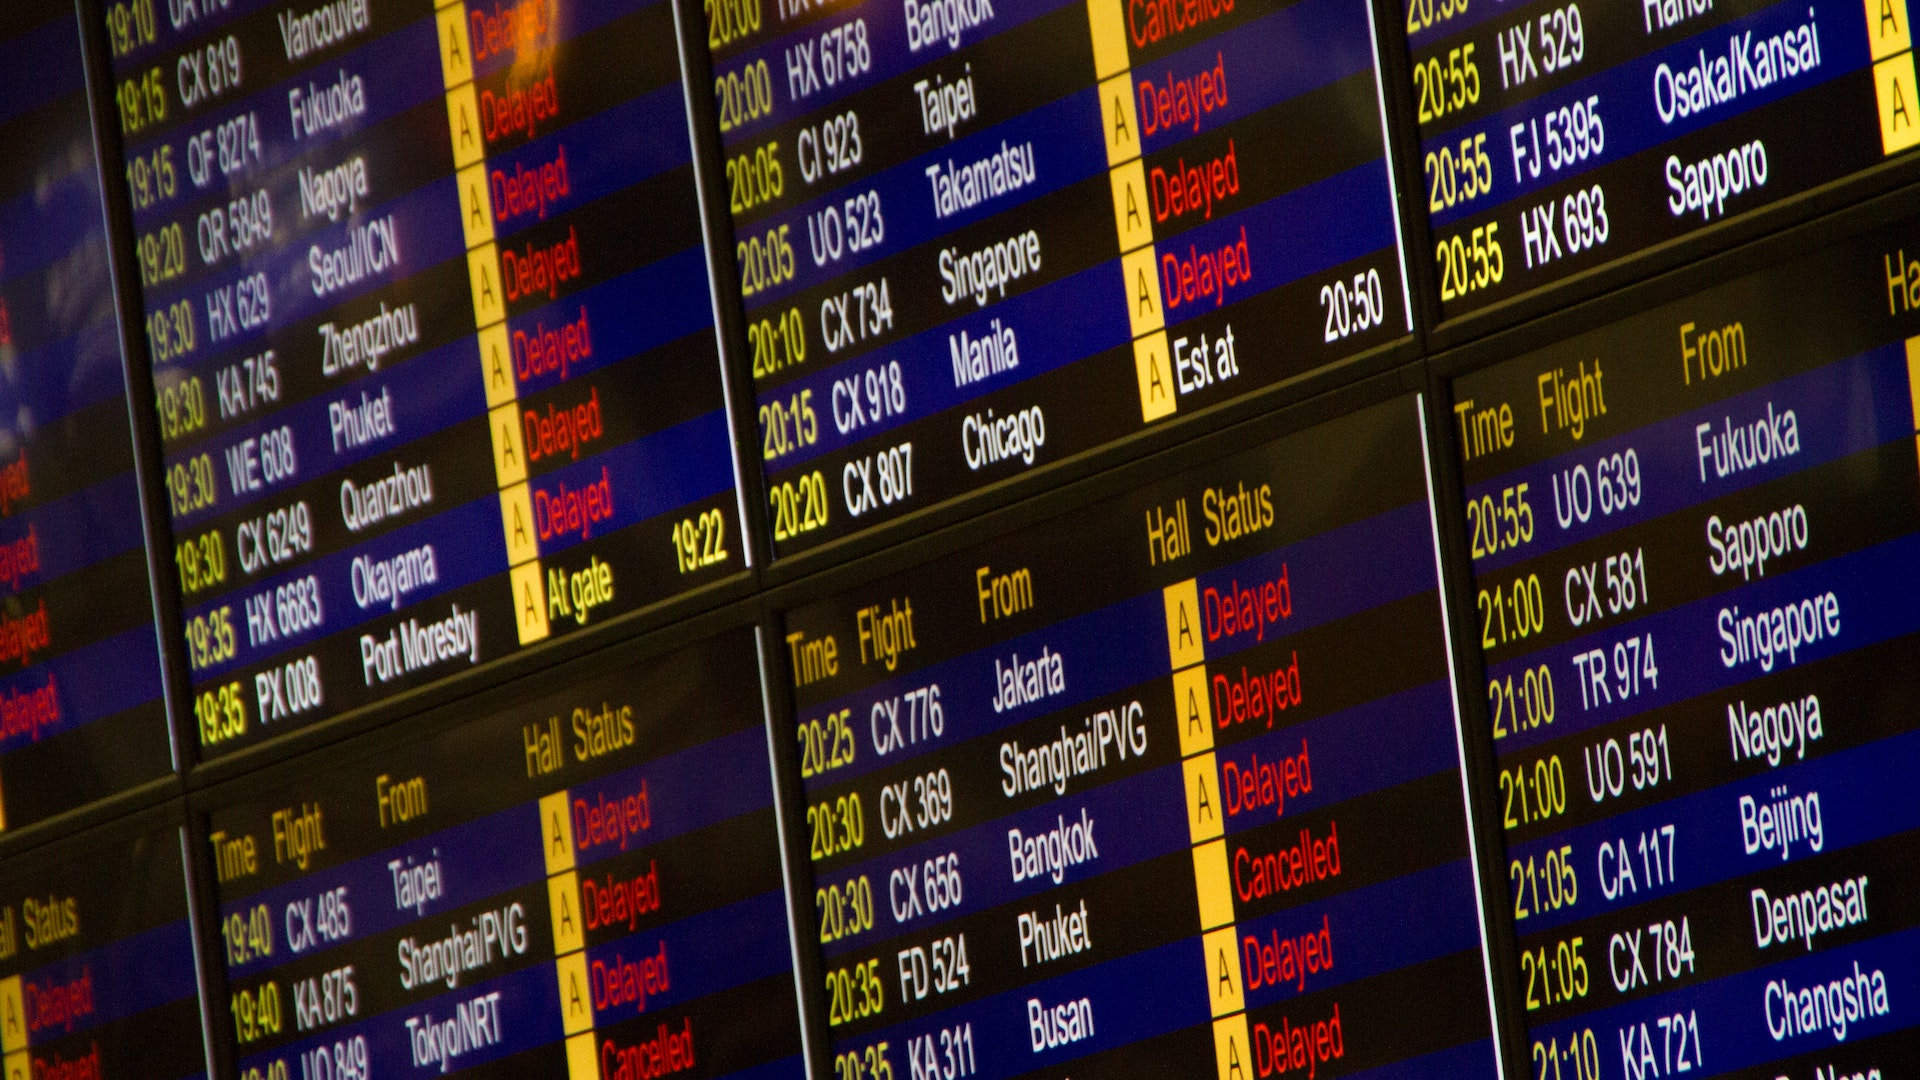 agenda-airport-arrivals-2833379